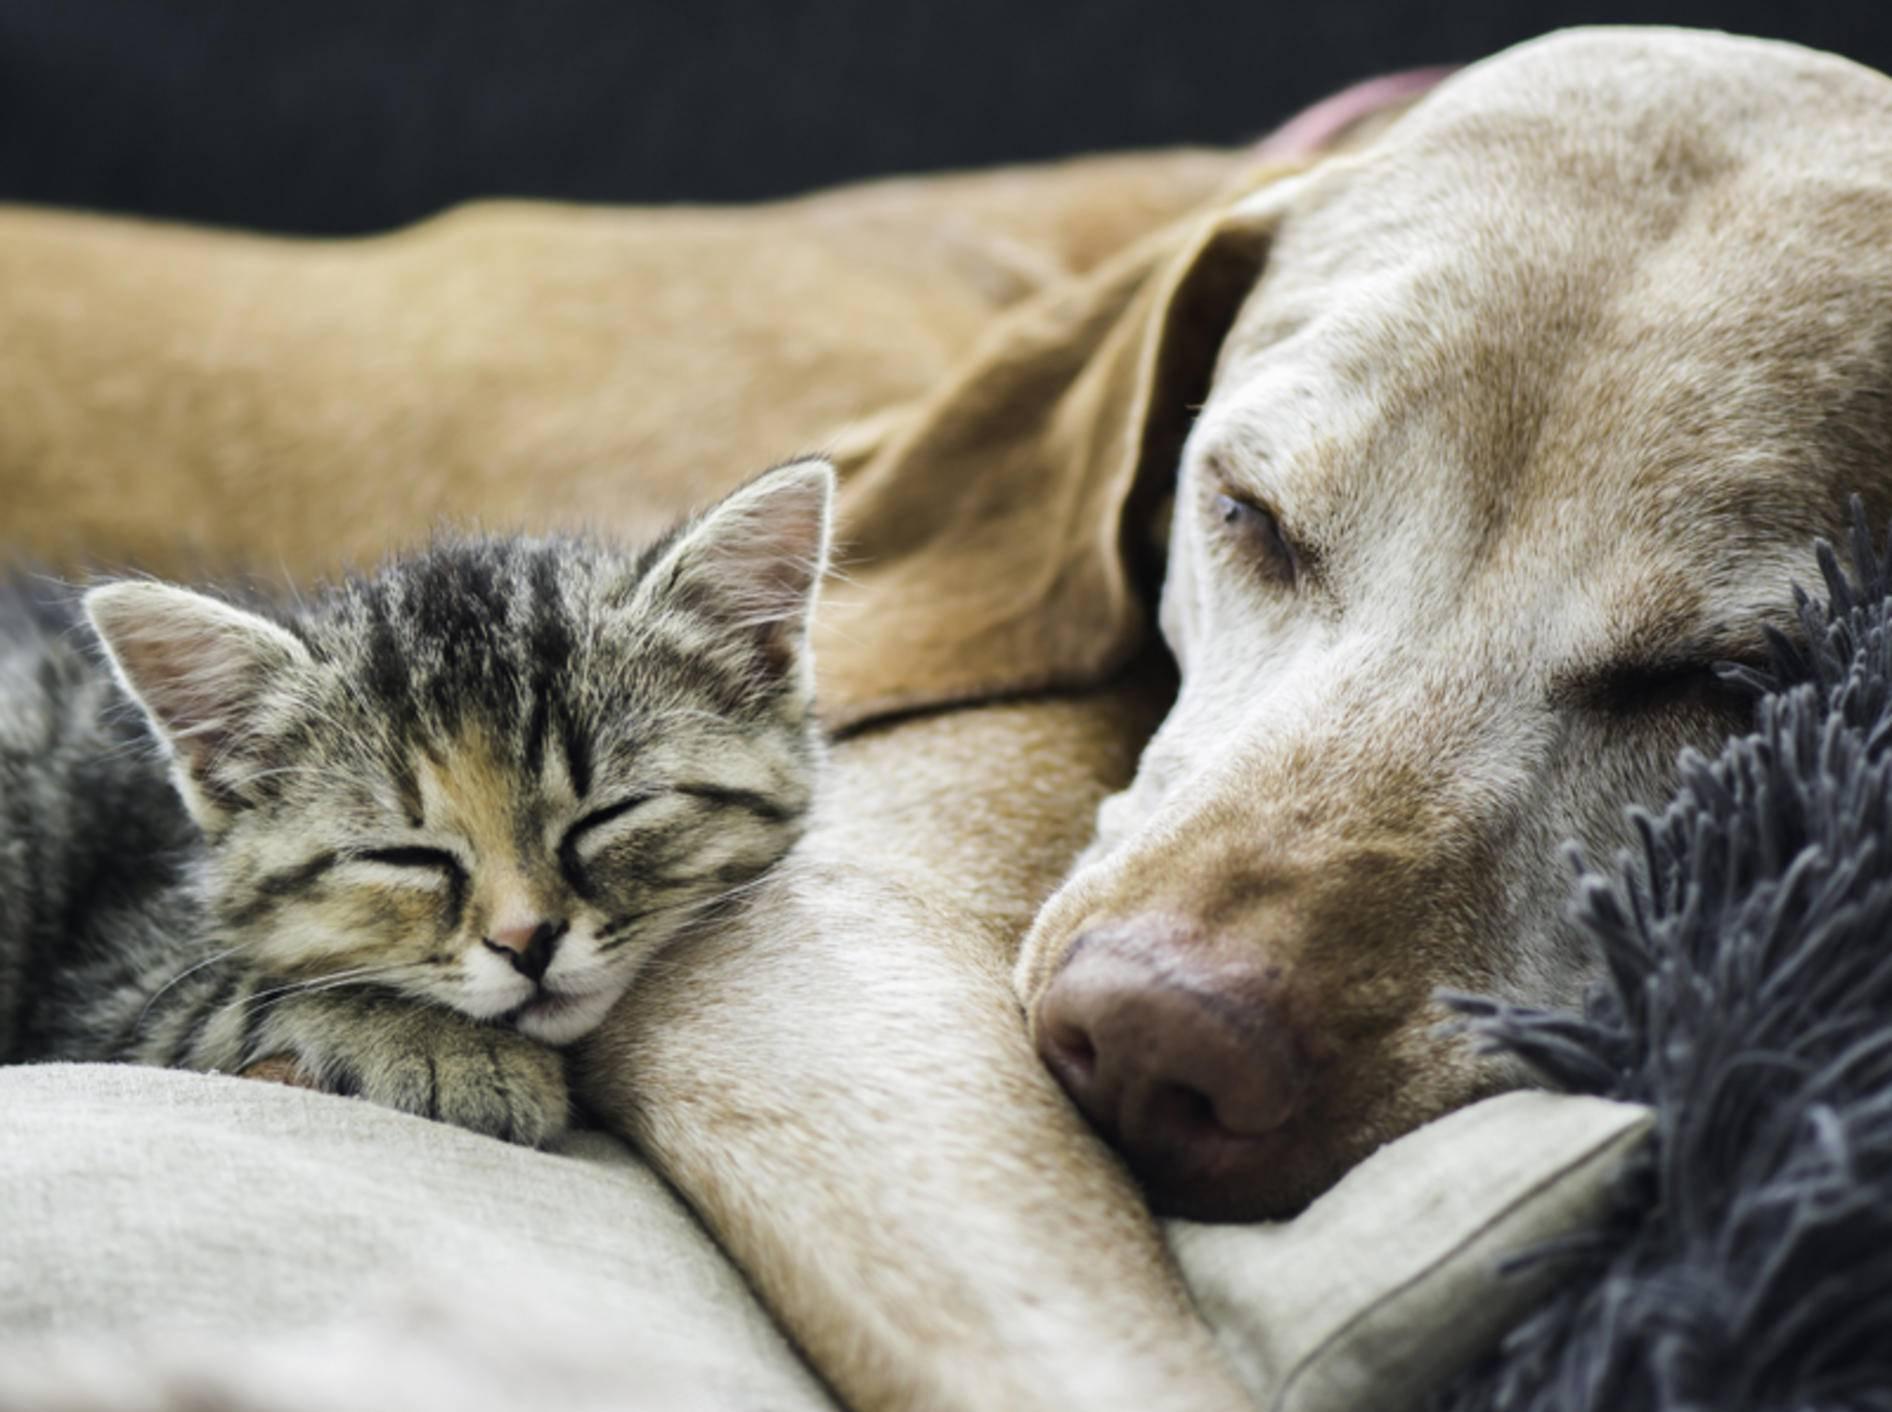 Diese beiden Süßen träumen bestimmt von ihrer tollen Freundschaft – Shutterstock / Vasek Rak